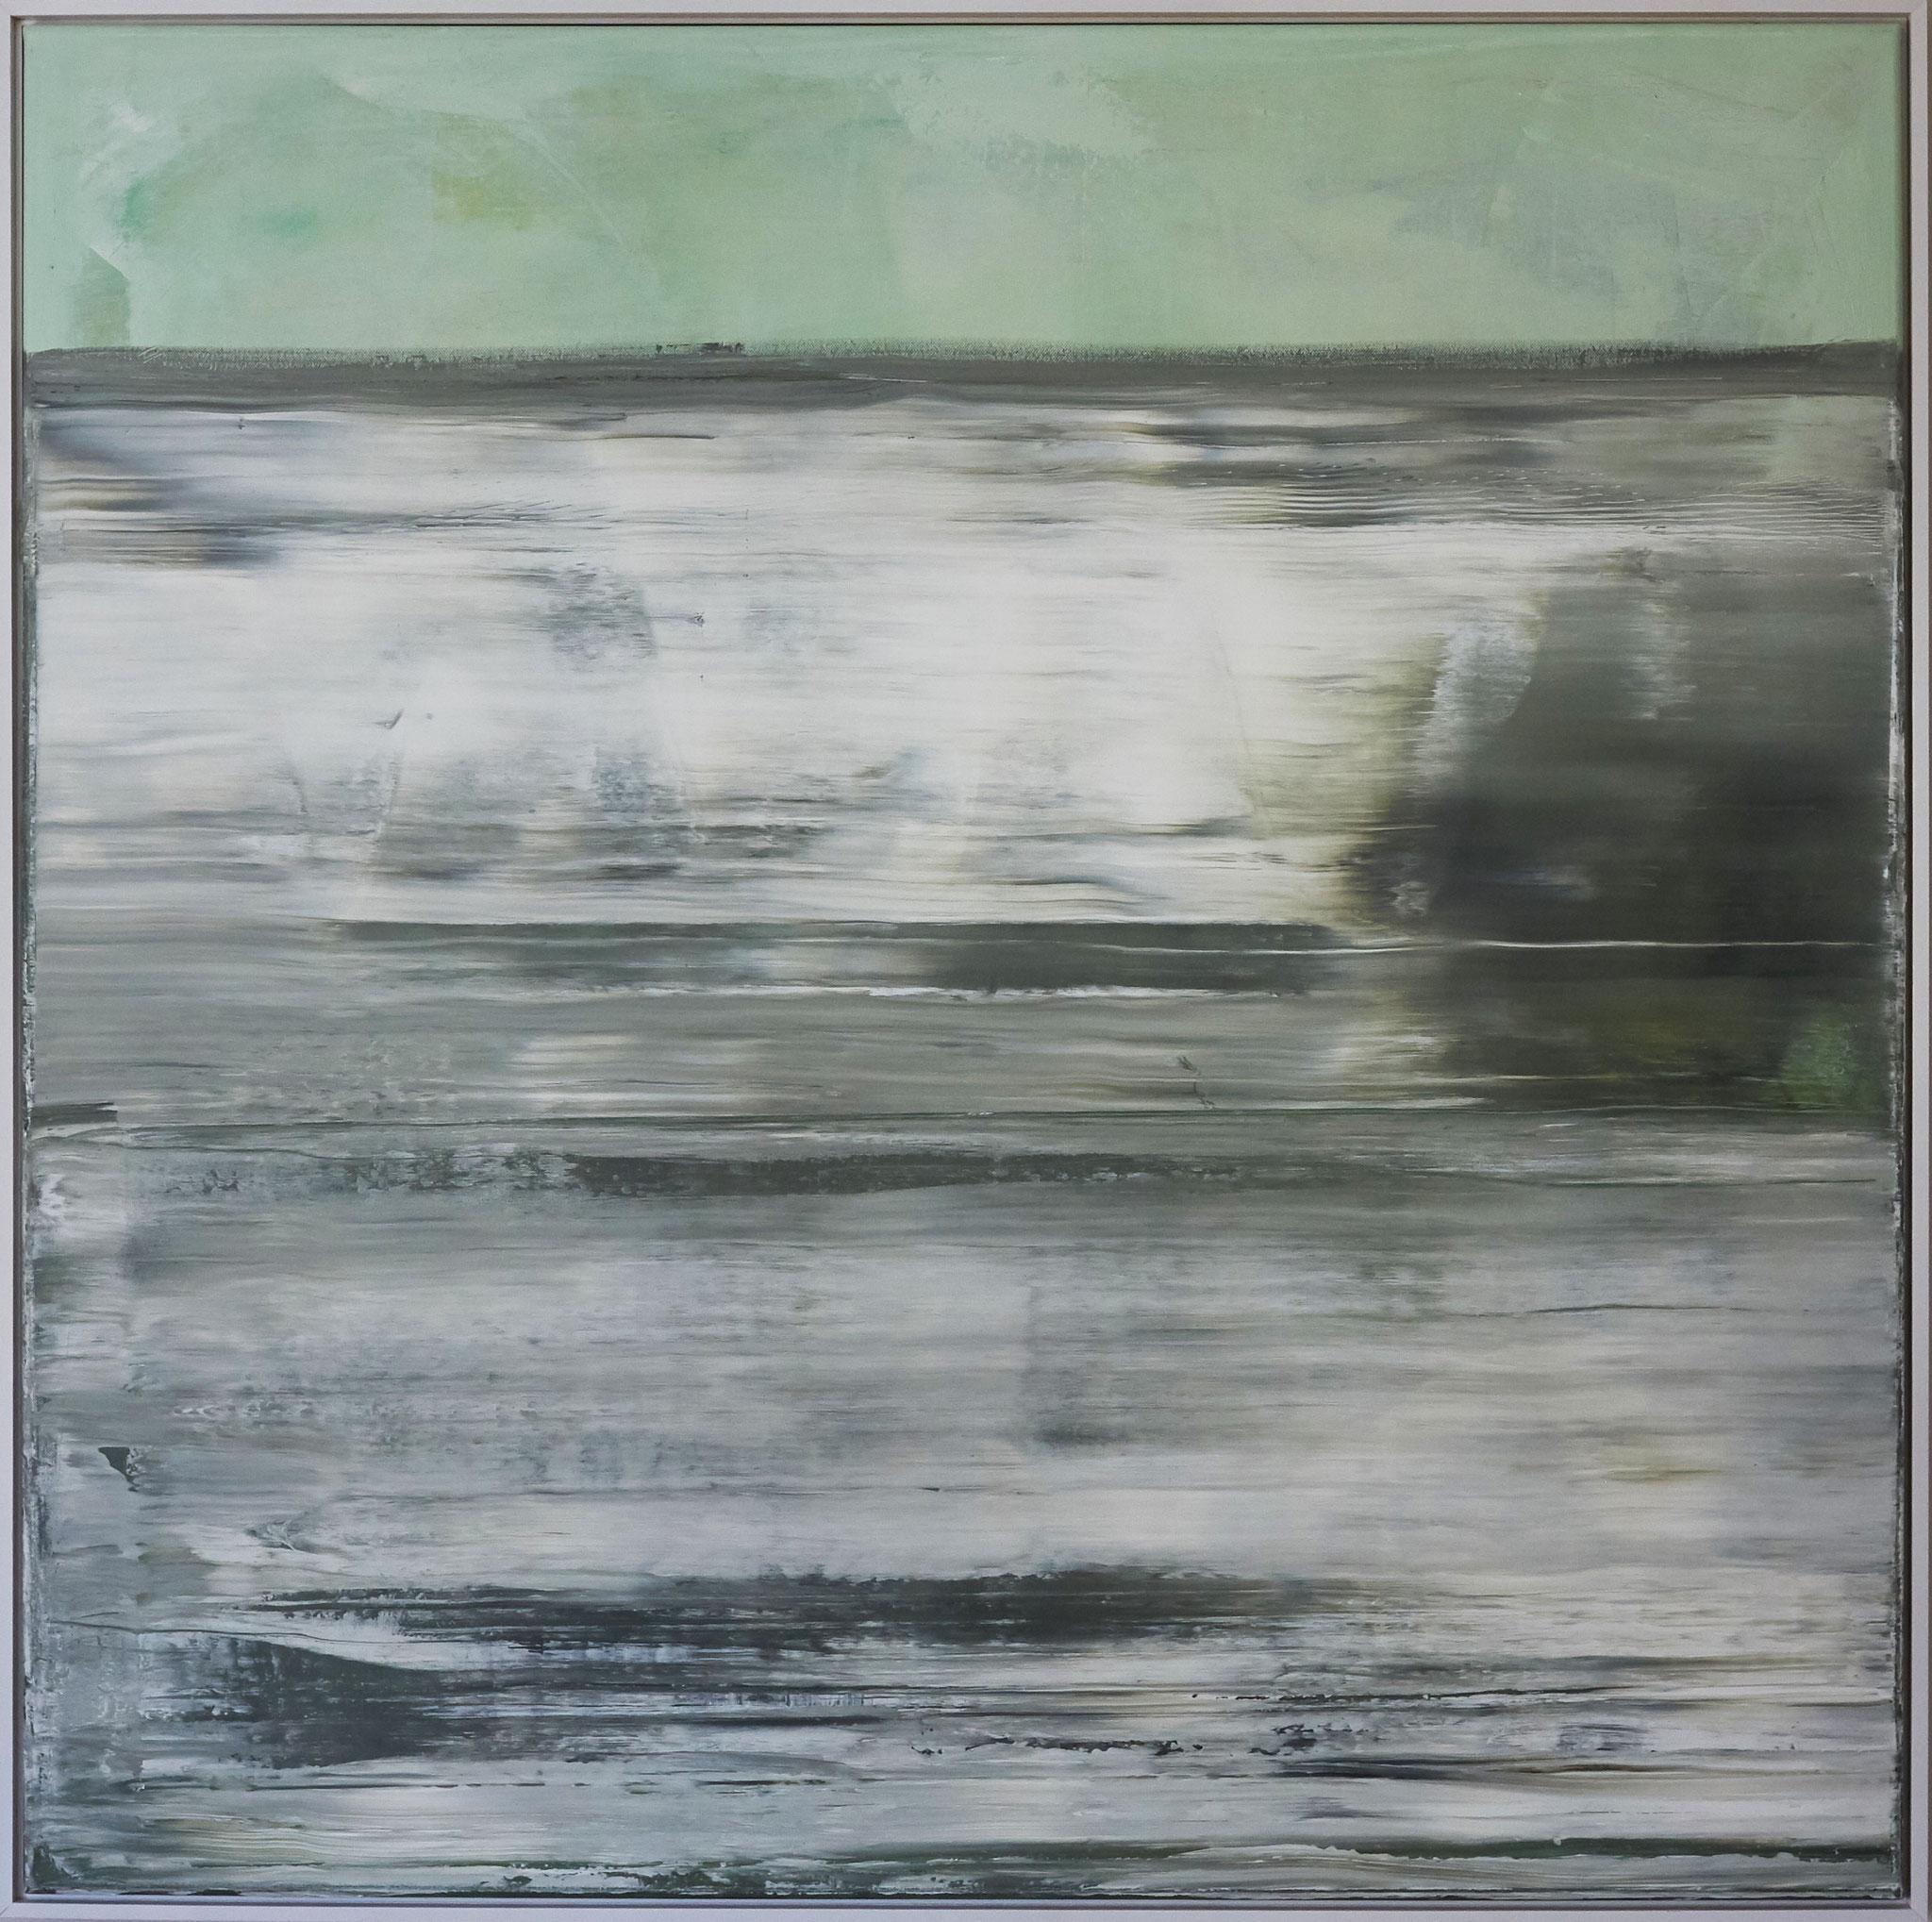 ›Green Sea‹, Acryl auf Leinwand, 100 x 100 cm, 2017